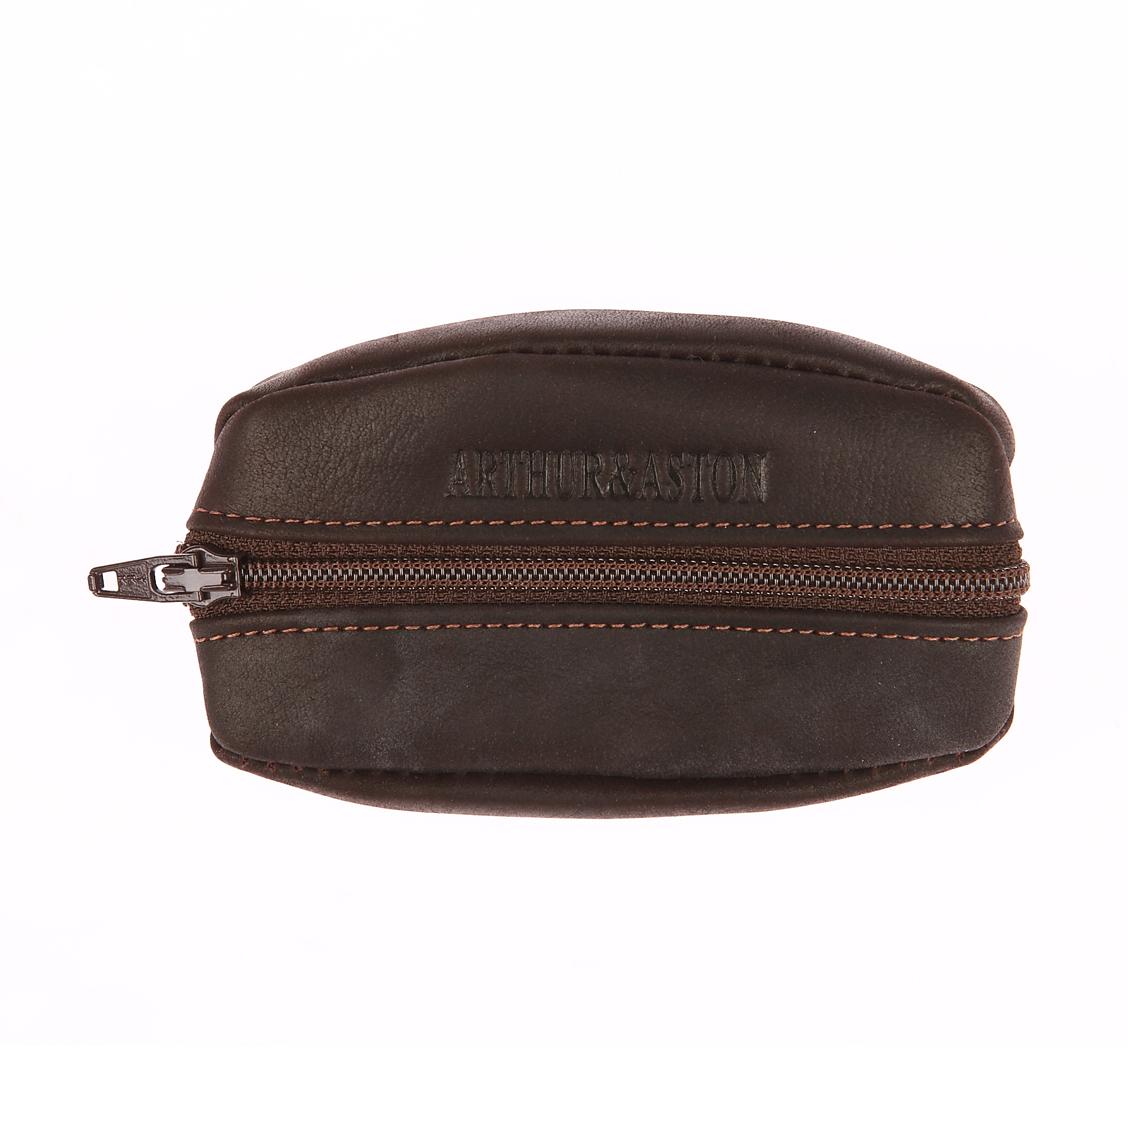 Porte-monnaie zippé arthur & aston en cuir marron avec une poche arrière